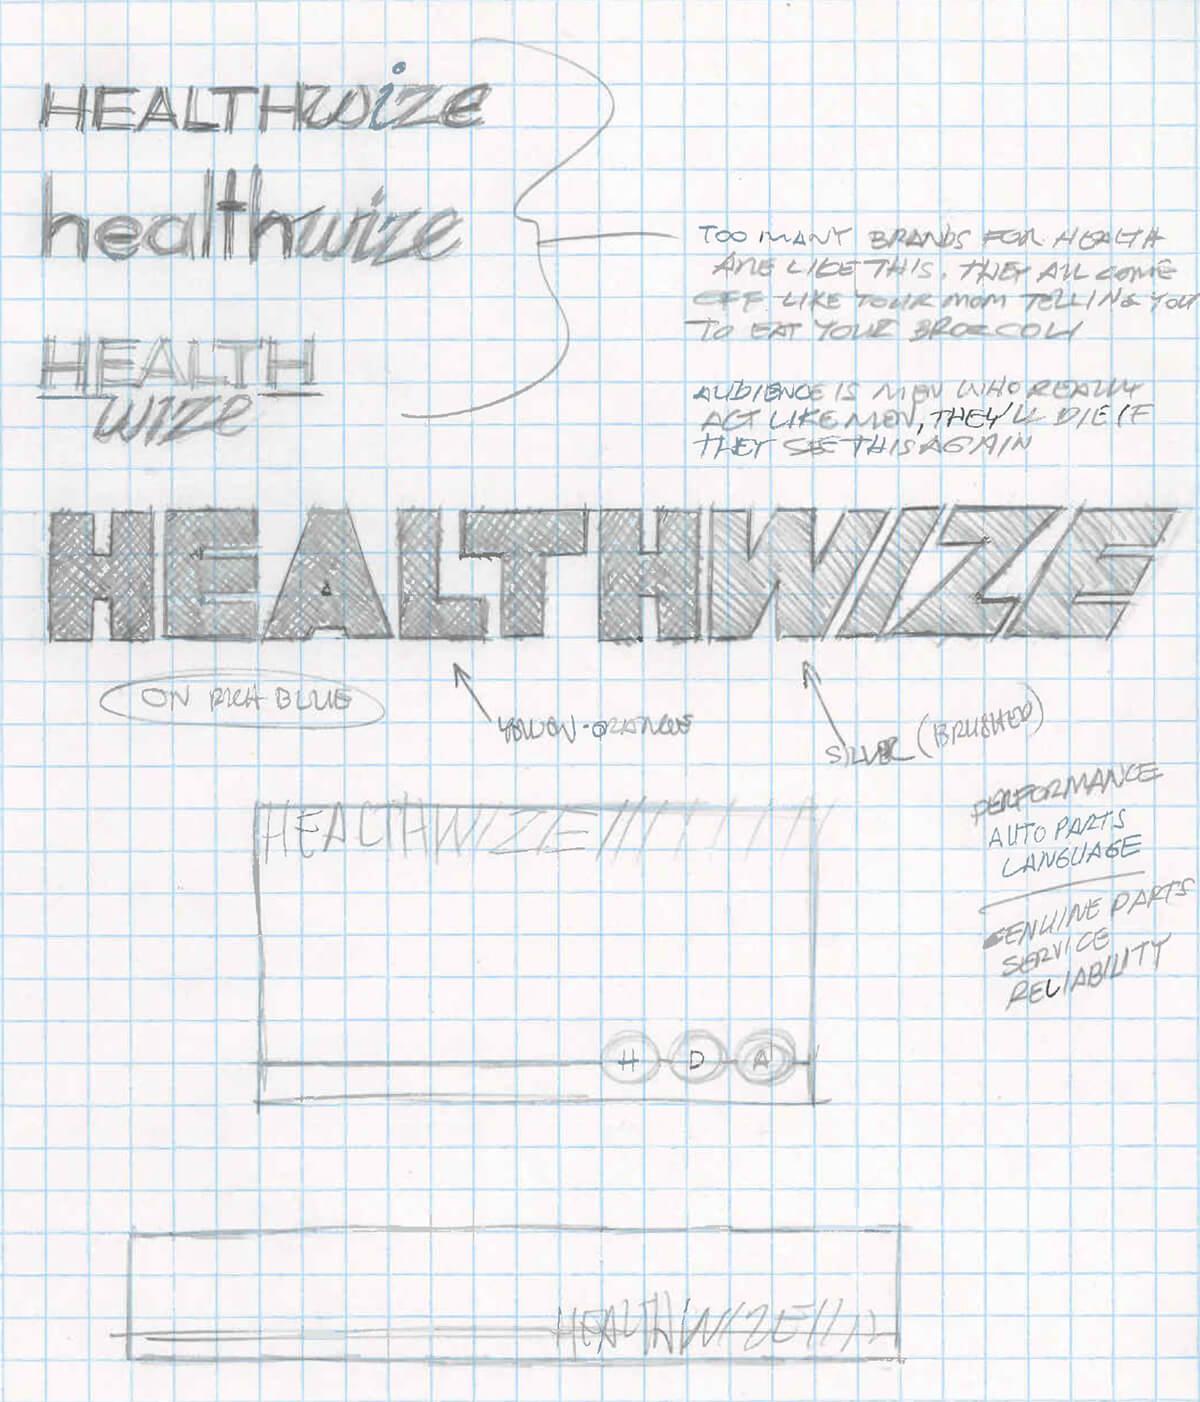 Healthwize 1